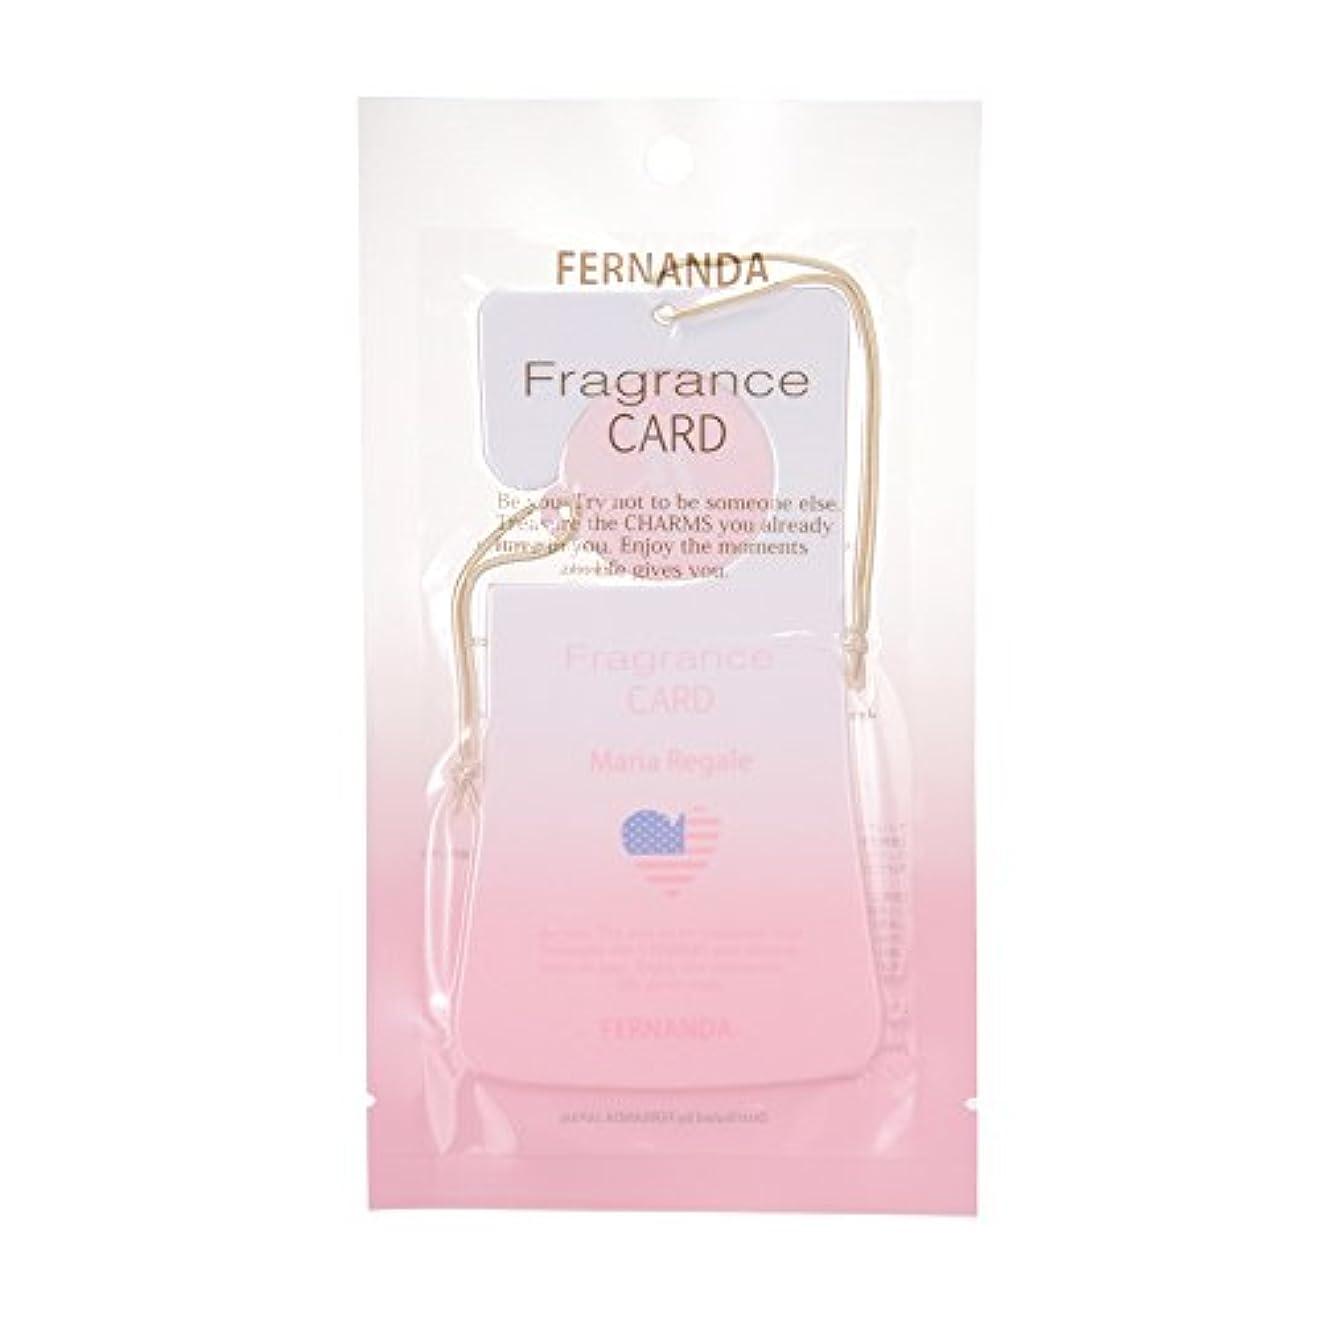 シニス風邪をひく出席FERNANDA(フェルナンダ) Fragrance Card Maria Regale (フレグランスカード マリアリゲル)